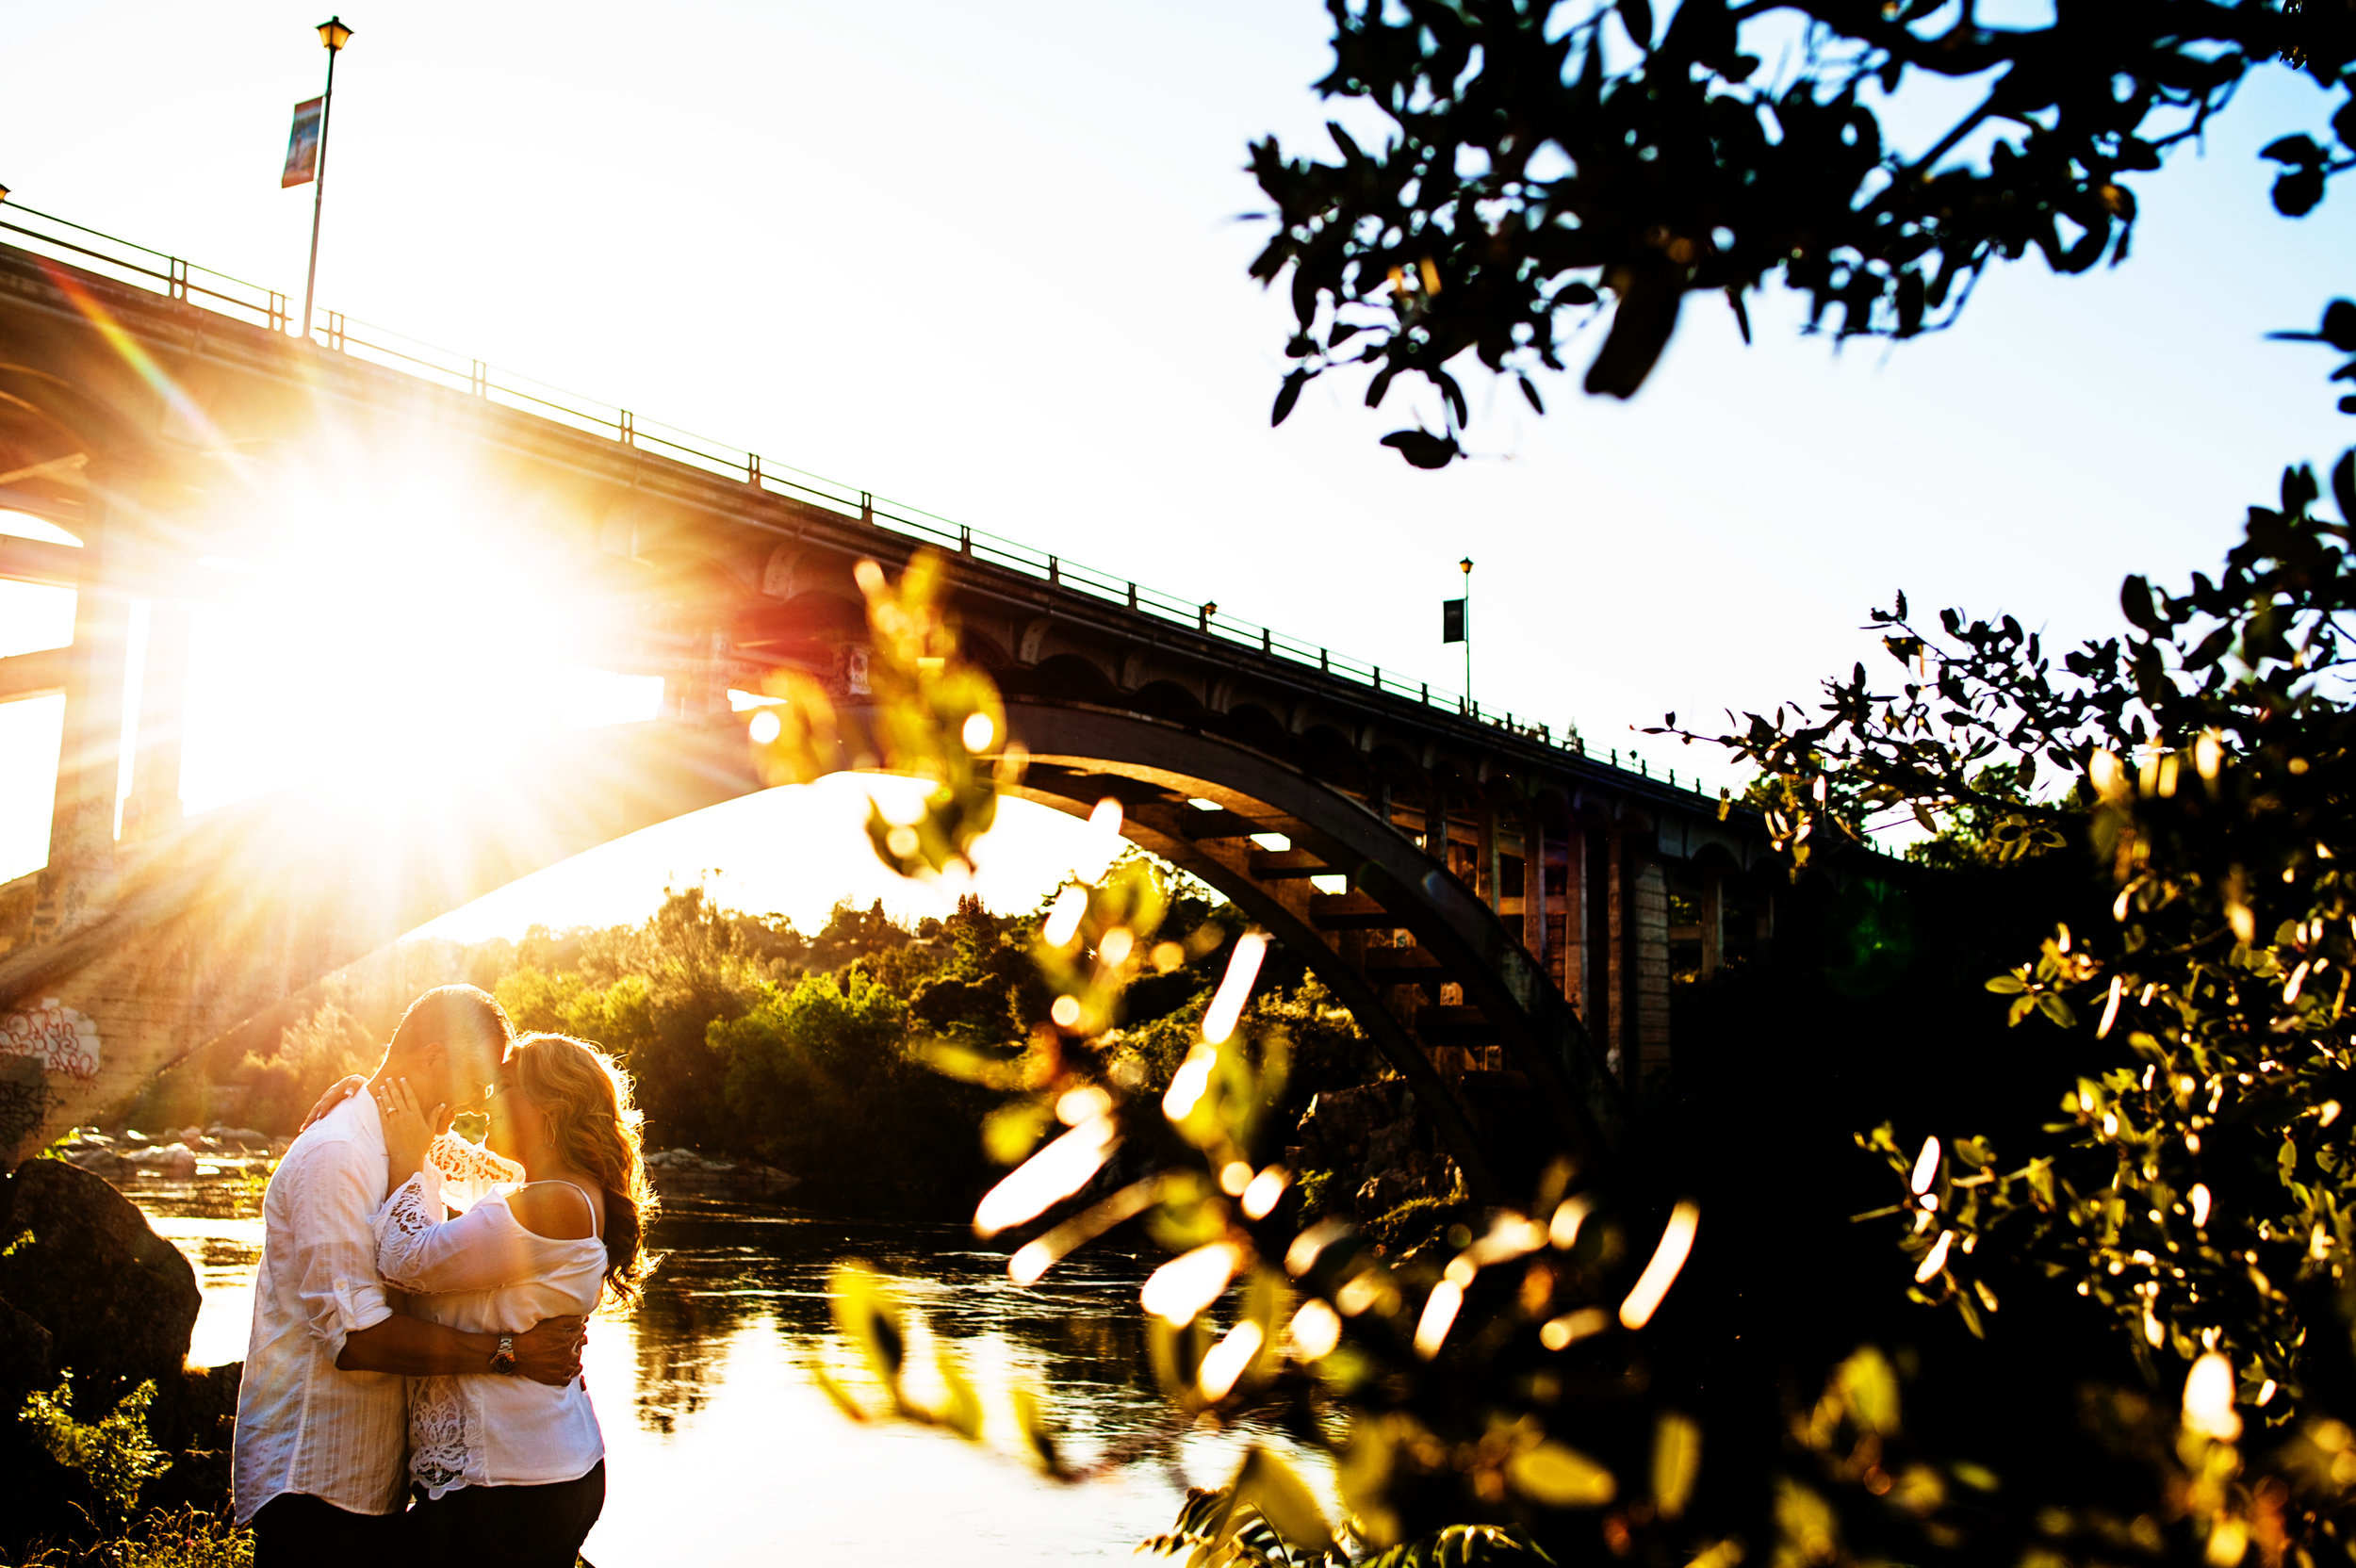 kara-craig-042-engagement-sacramento-wedding-photographer-katherine-nicole-photography.JPG